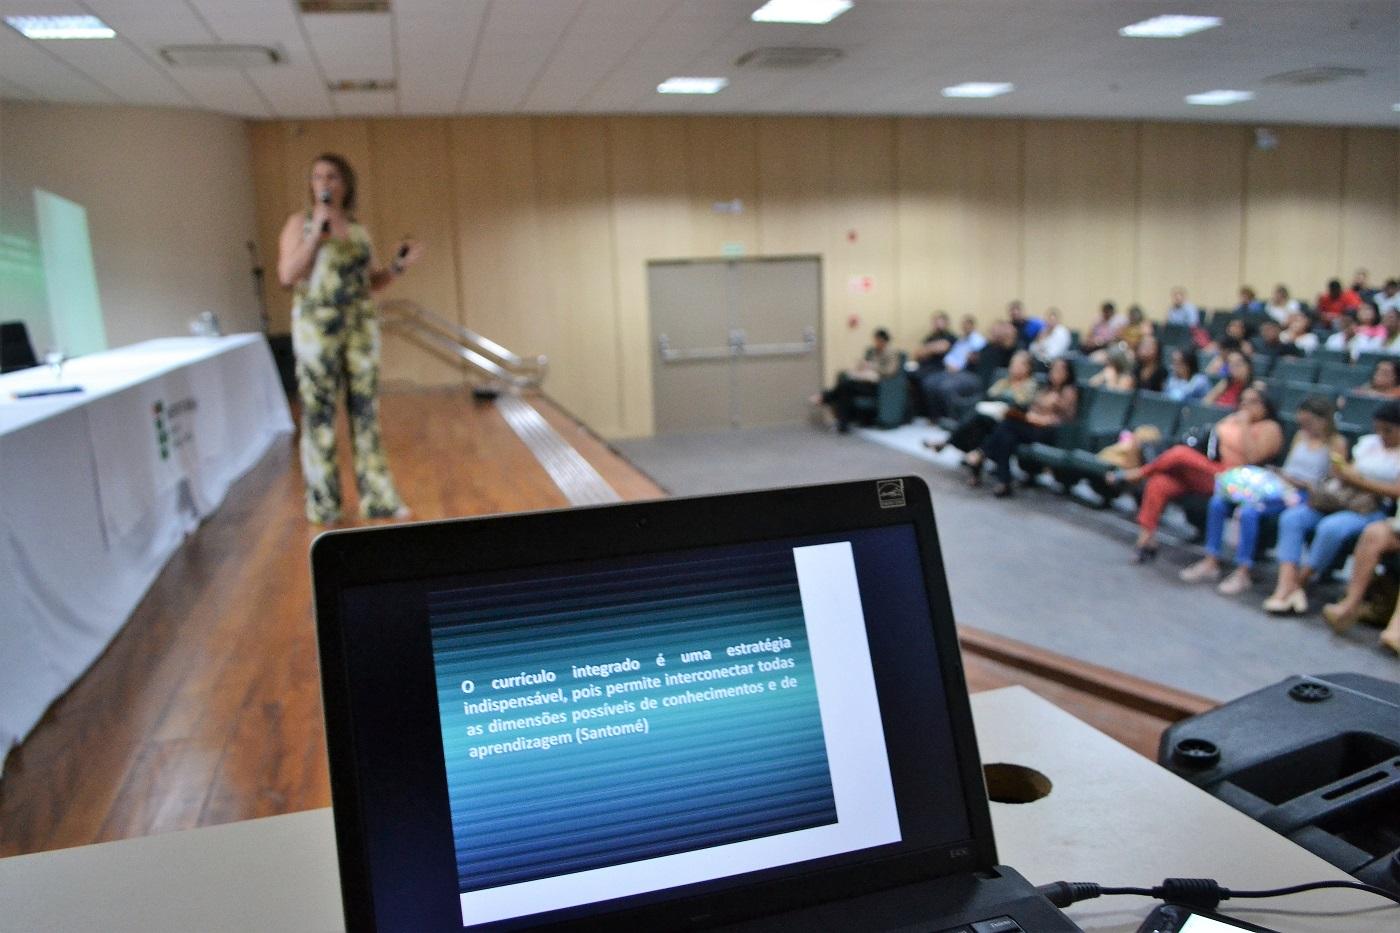 Apresentação da palestra de Silvia Montagner (foto: Gerônimo Vicente)